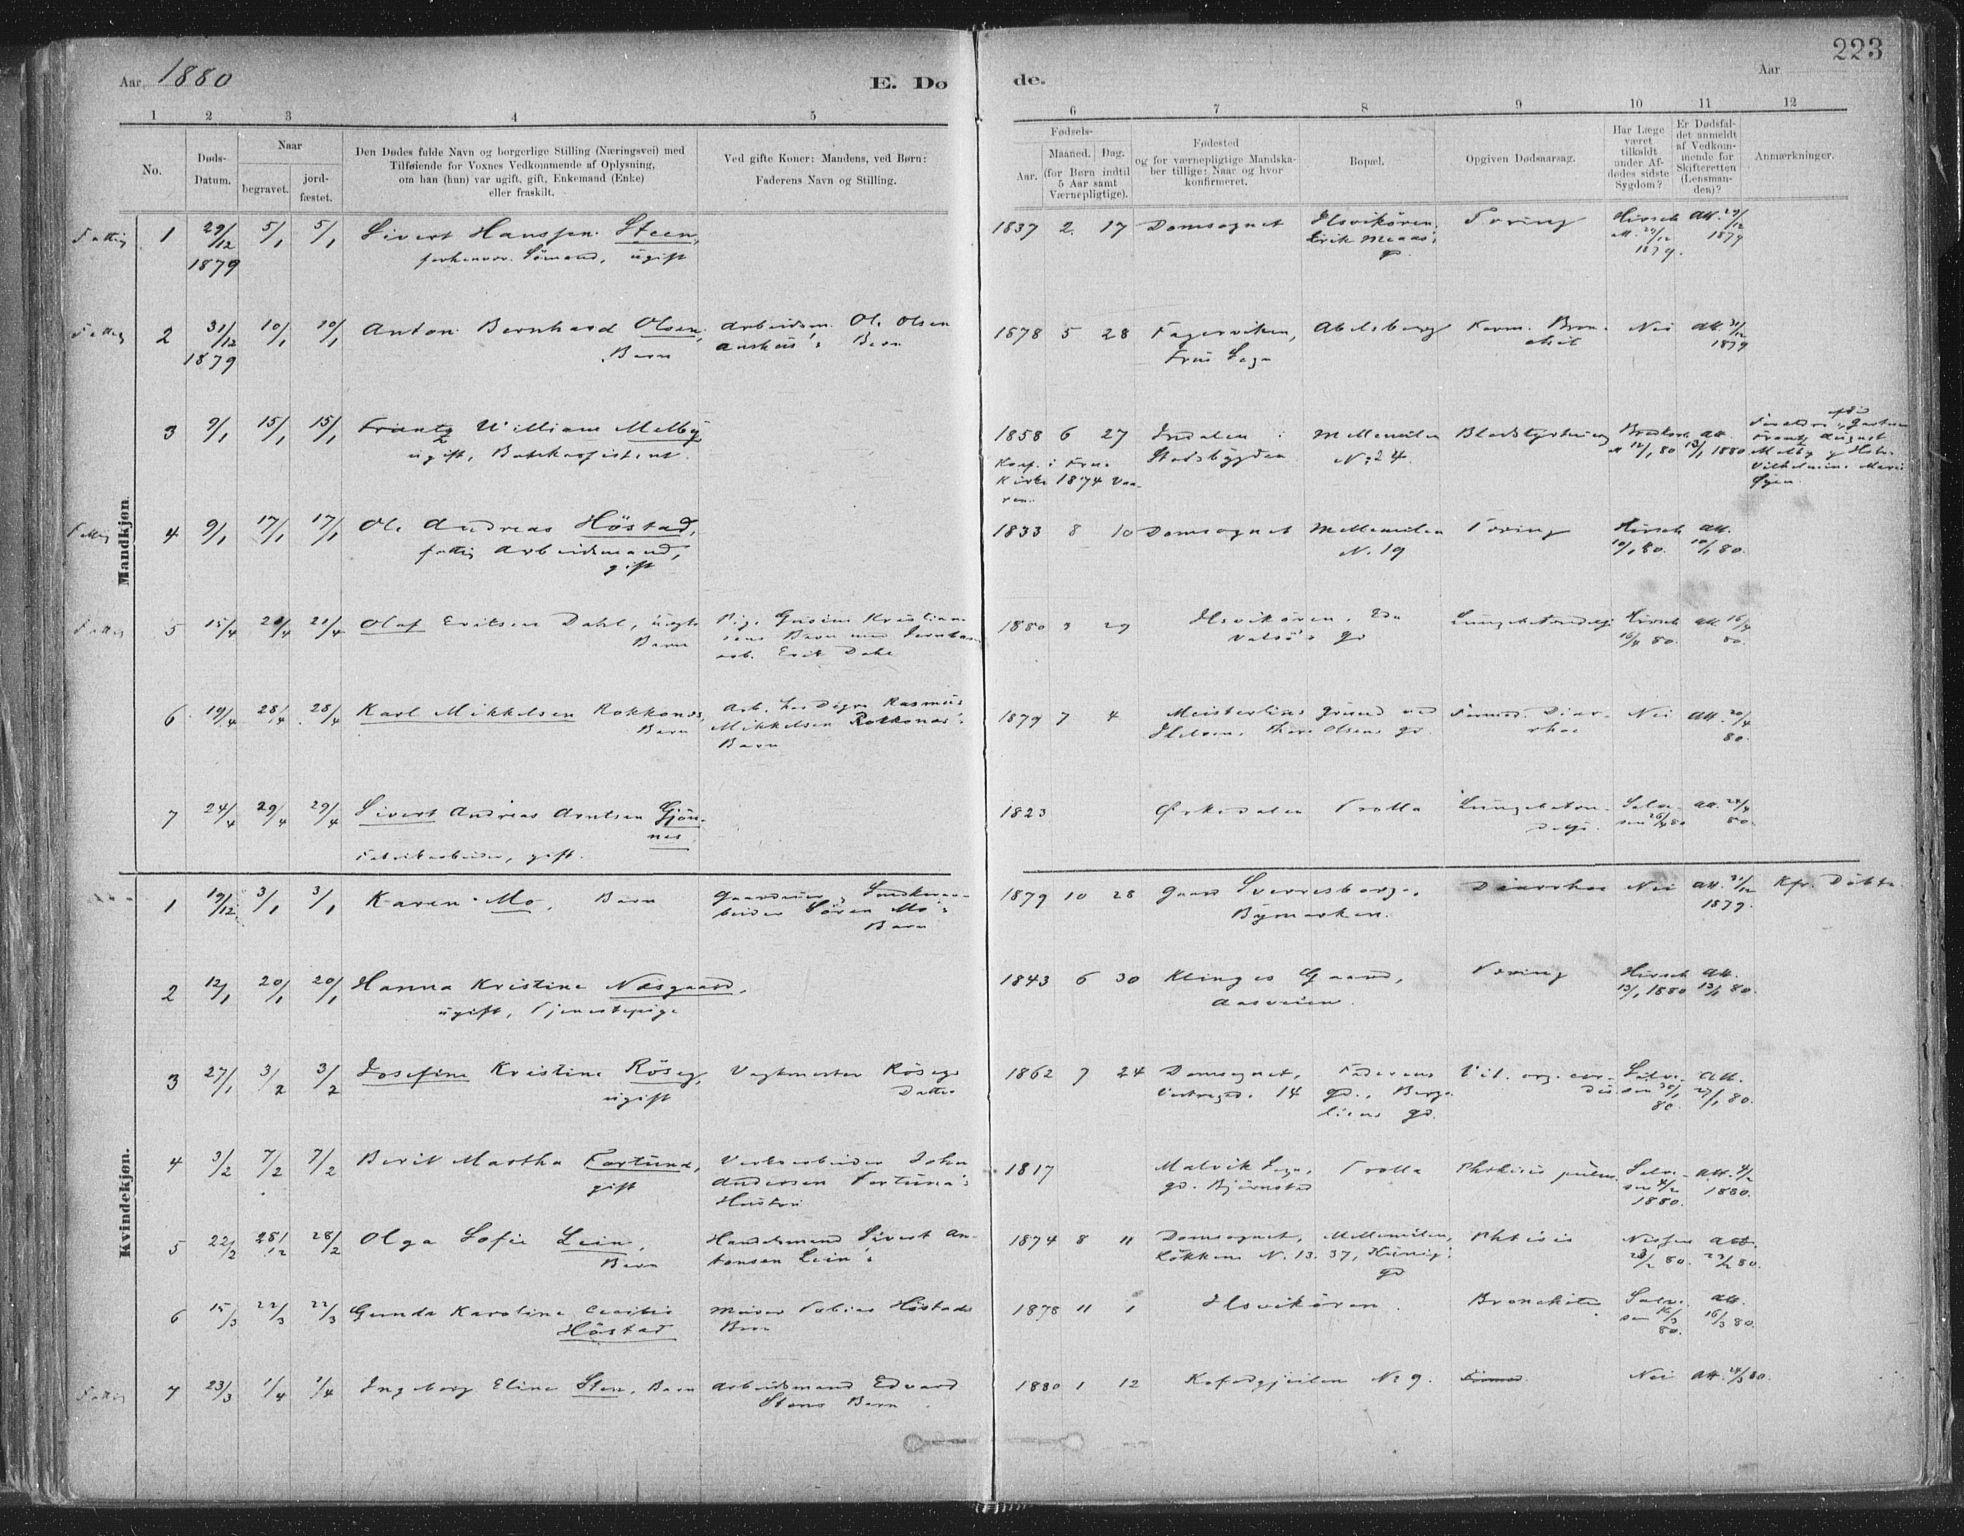 SAT, Ministerialprotokoller, klokkerbøker og fødselsregistre - Sør-Trøndelag, 603/L0162: Ministerialbok nr. 603A01, 1879-1895, s. 223